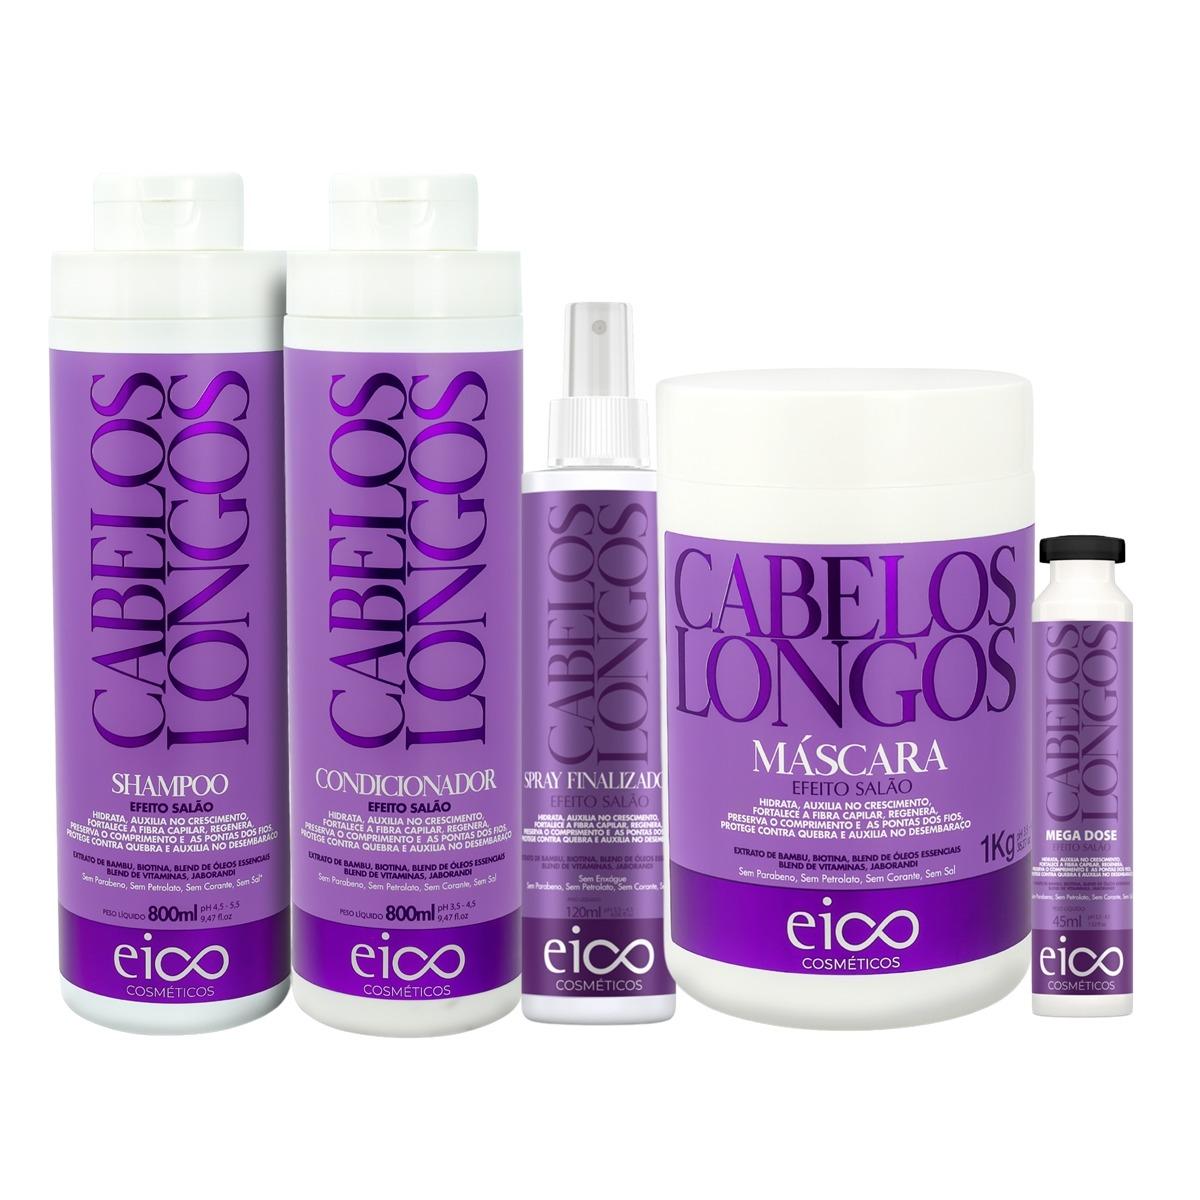 Eico Kit Cabelos Longos Sh + Cond 800ml + Máscara + Spray + Ampola